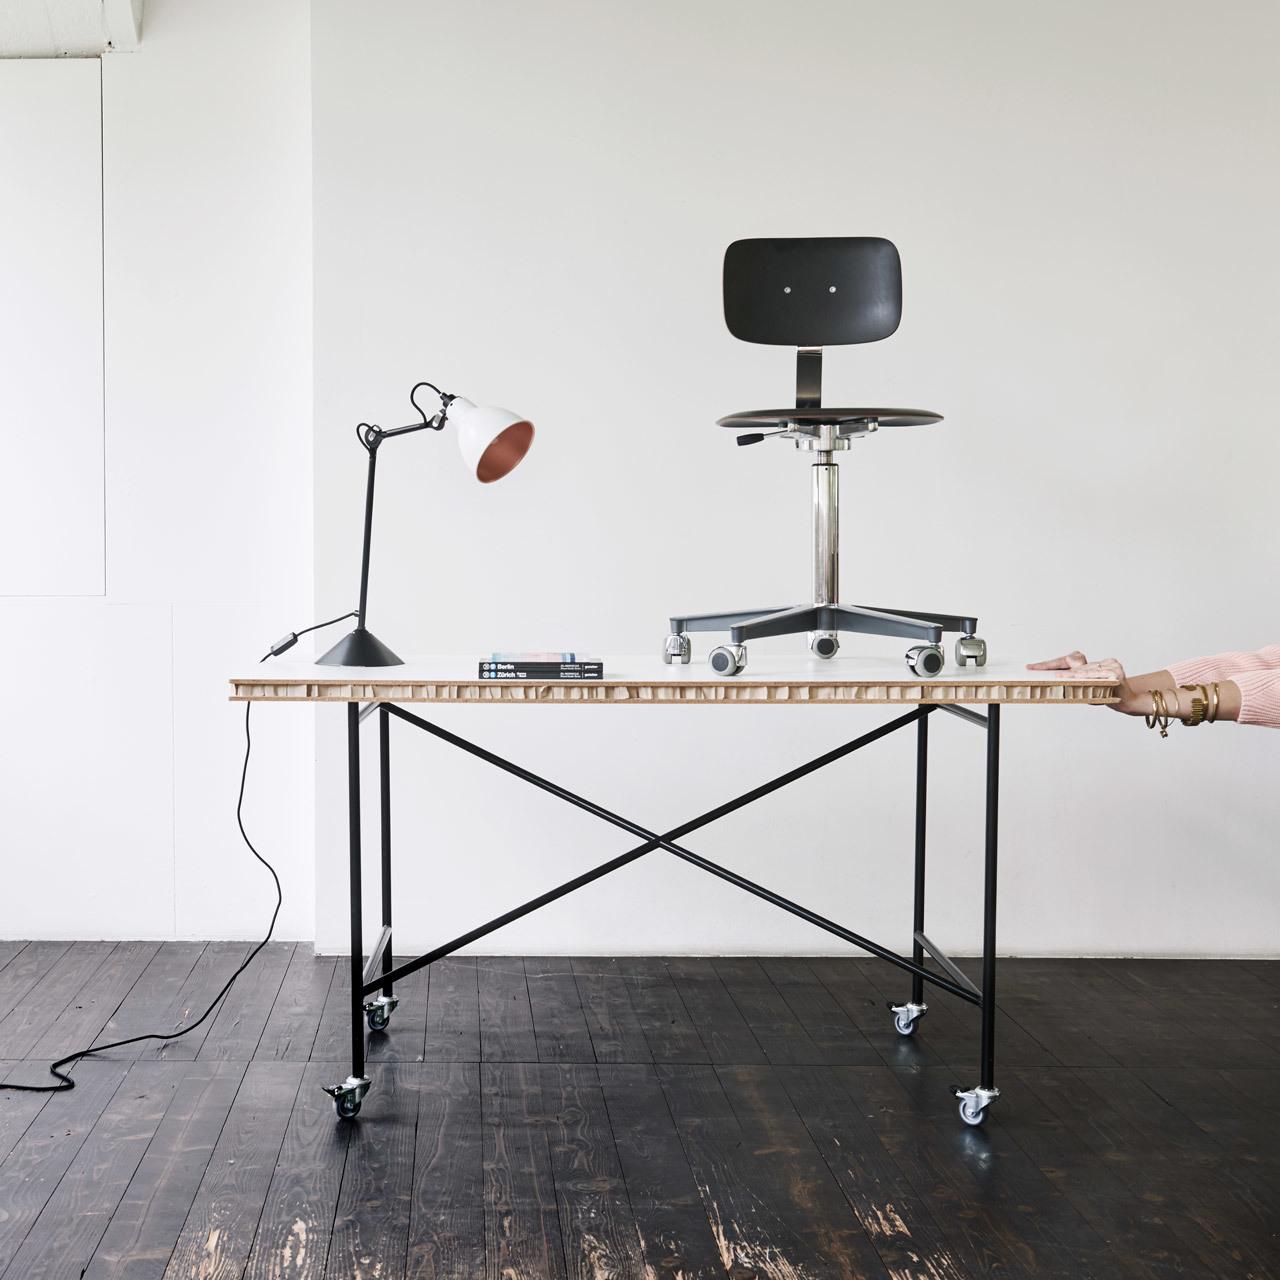 Tischgestell Egon Eiermann Gross Richard Lampert, Eiermann Tisch